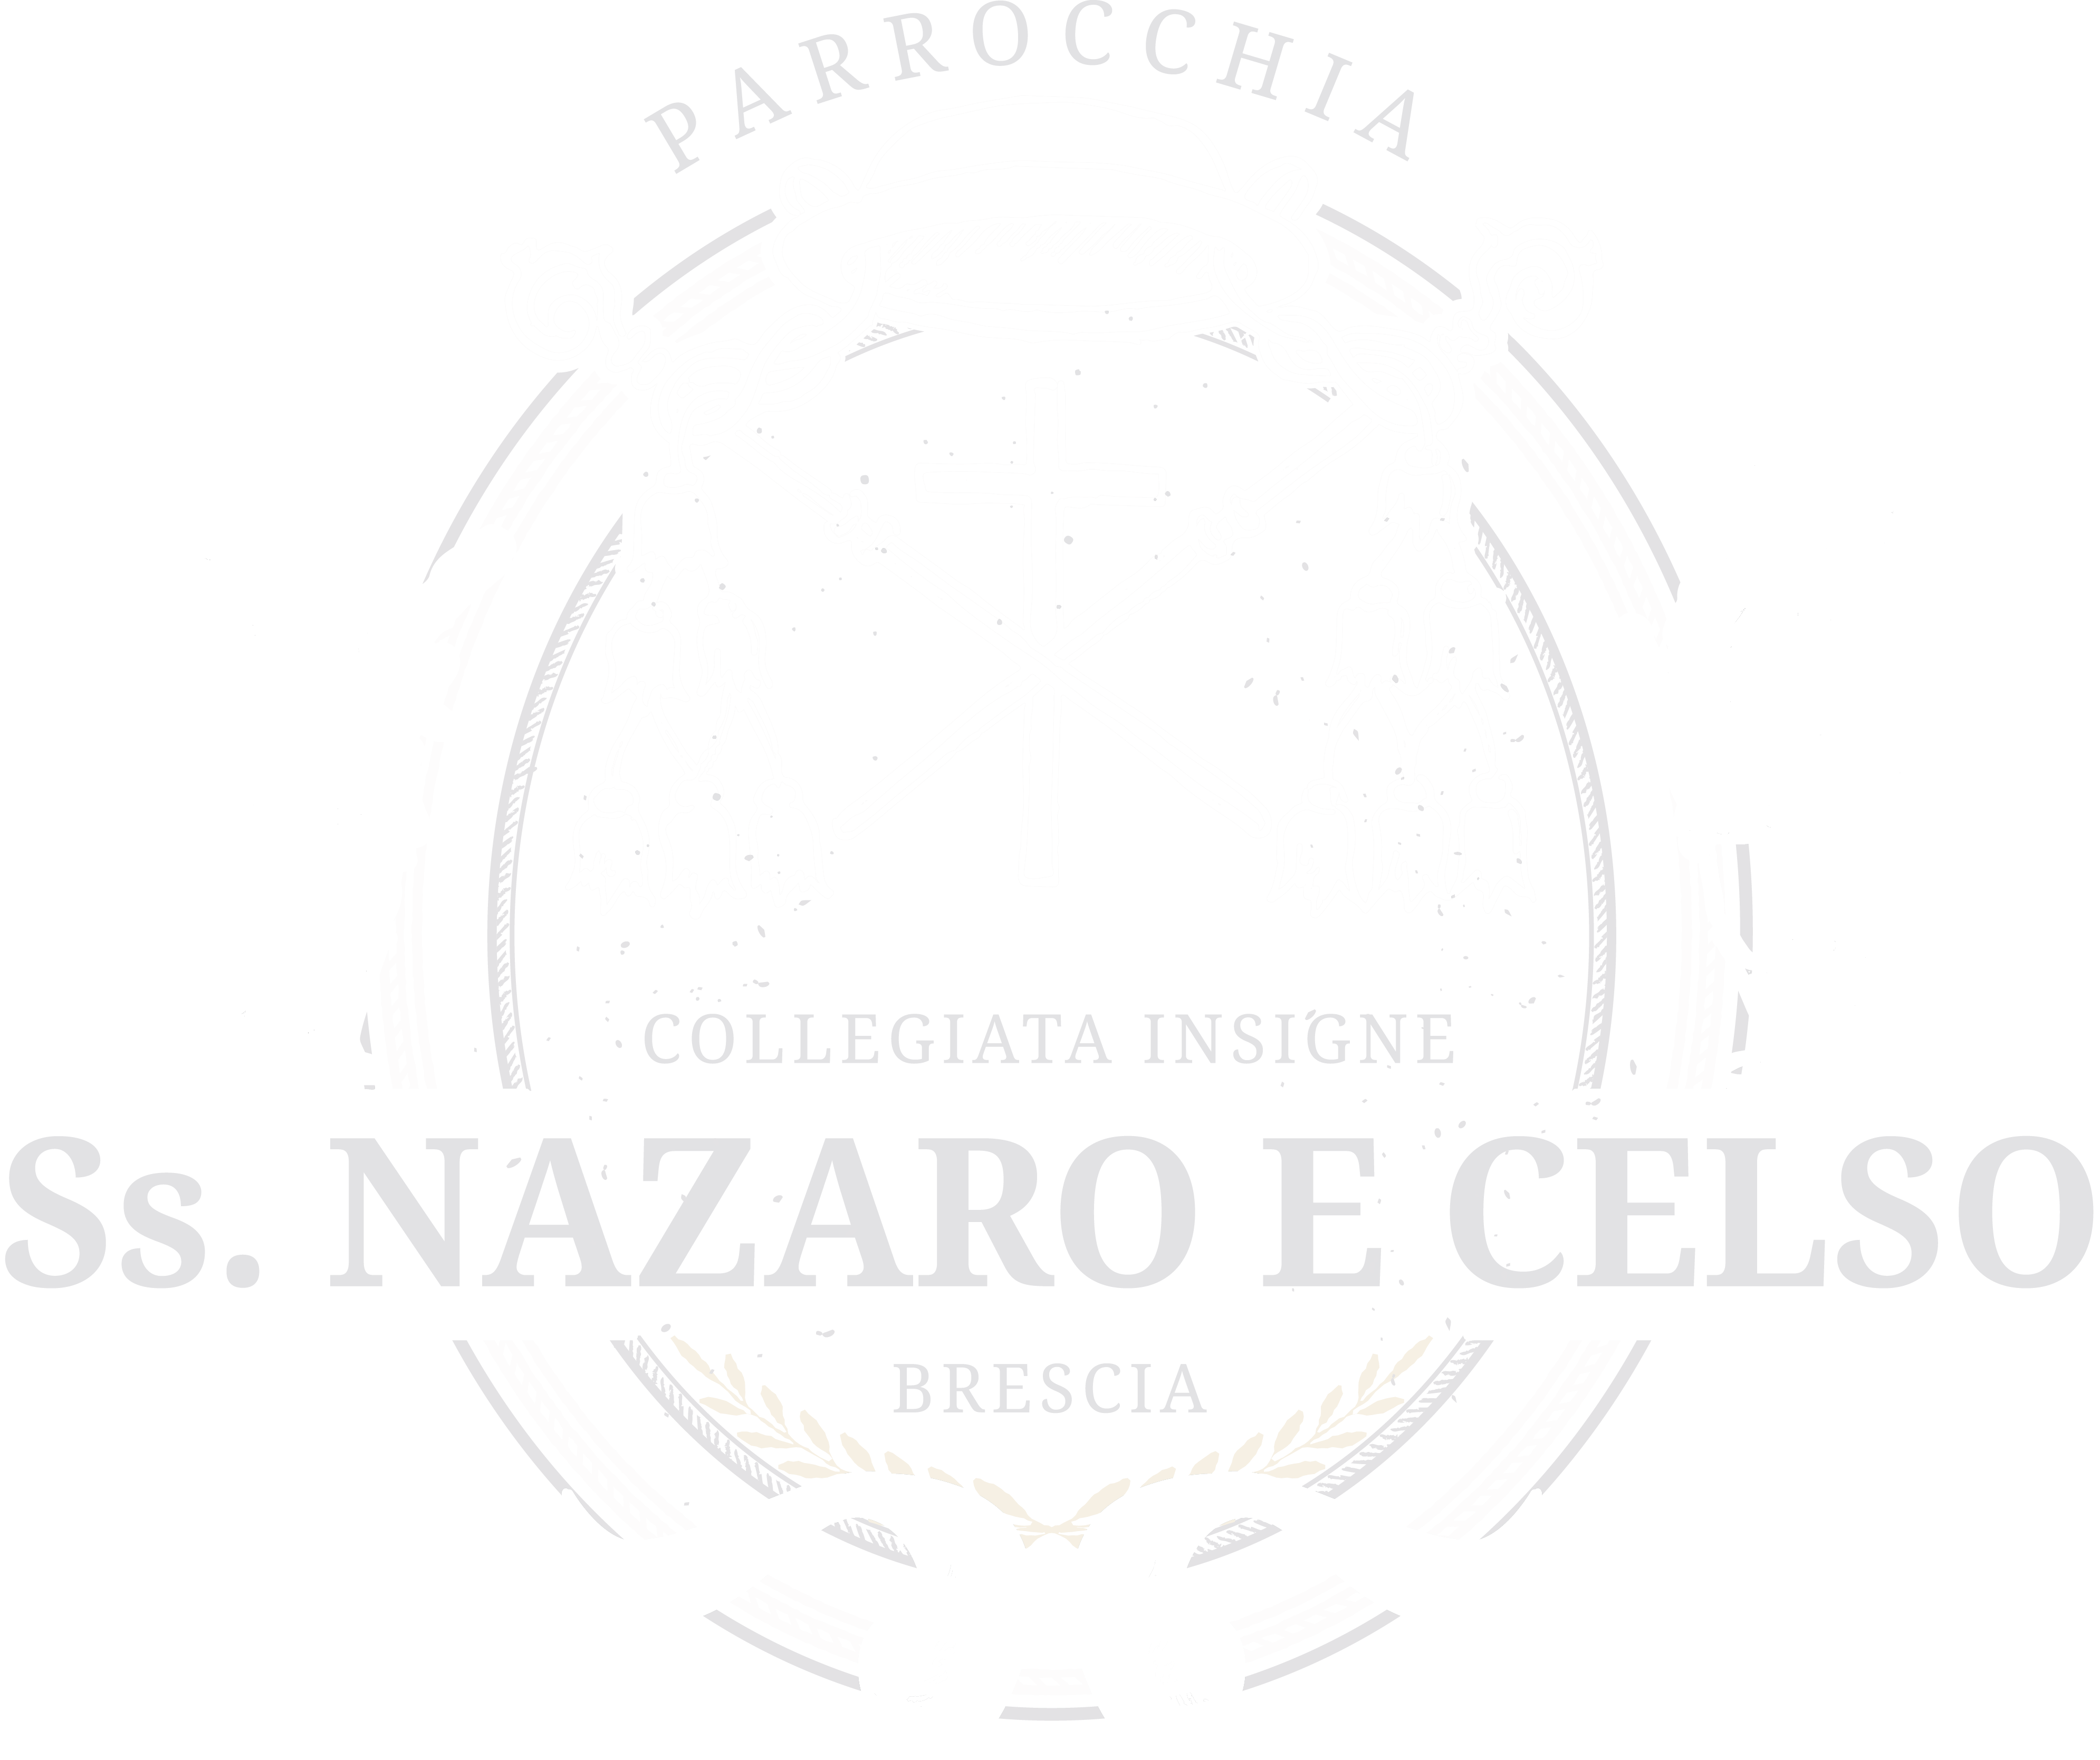 Santi Nazaro e Celso